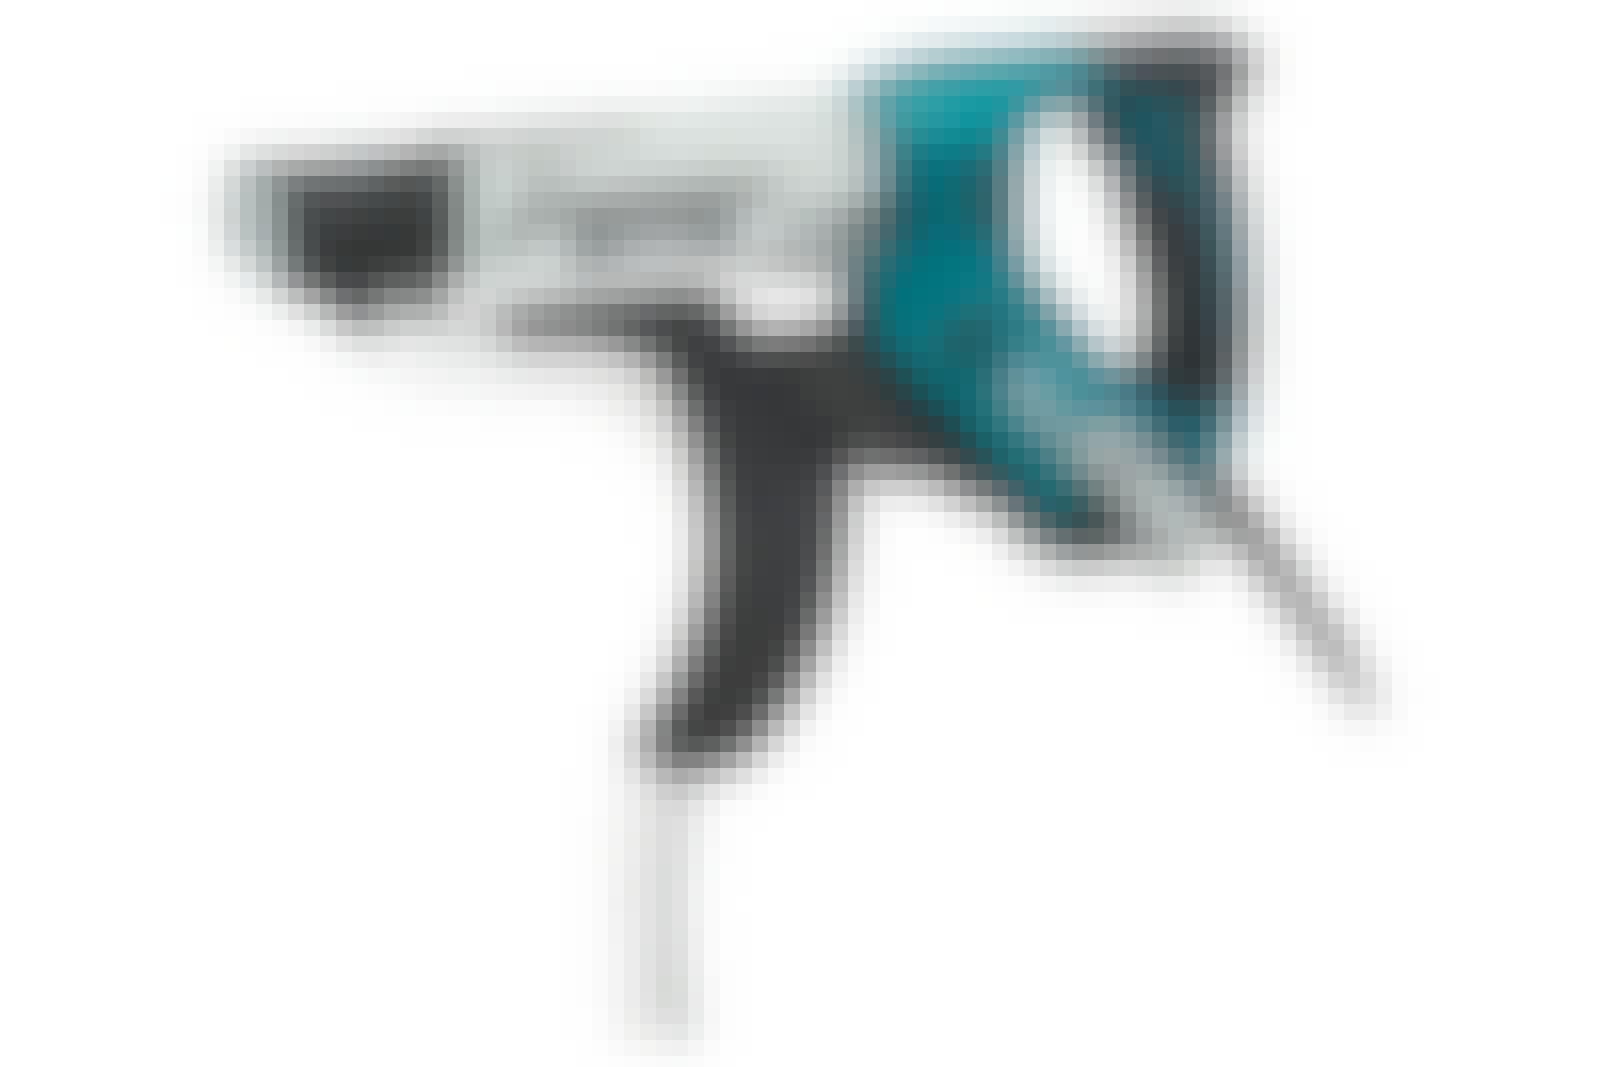 Gipsskrumaskin: Skruautomat til båndskruer